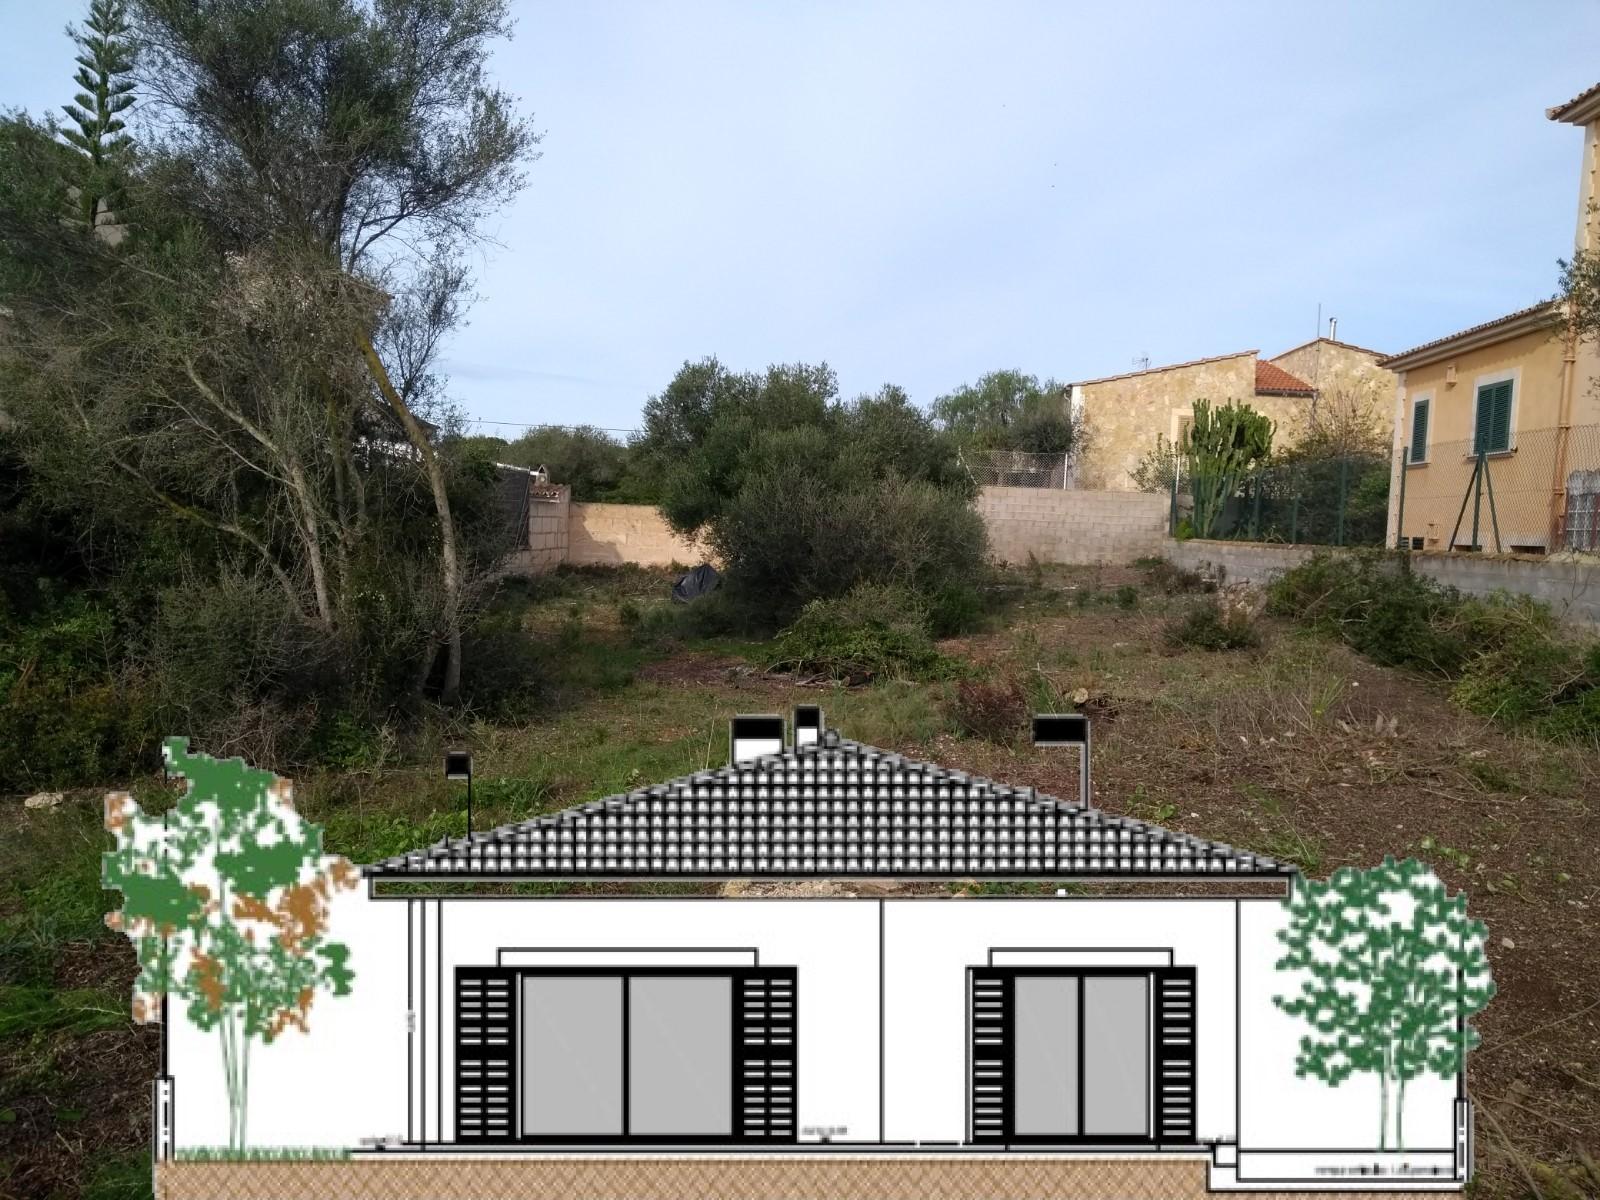 I-2253 Grundstück 600m² mit Bau eines Einfamilienhauses von 145 m² und Pool